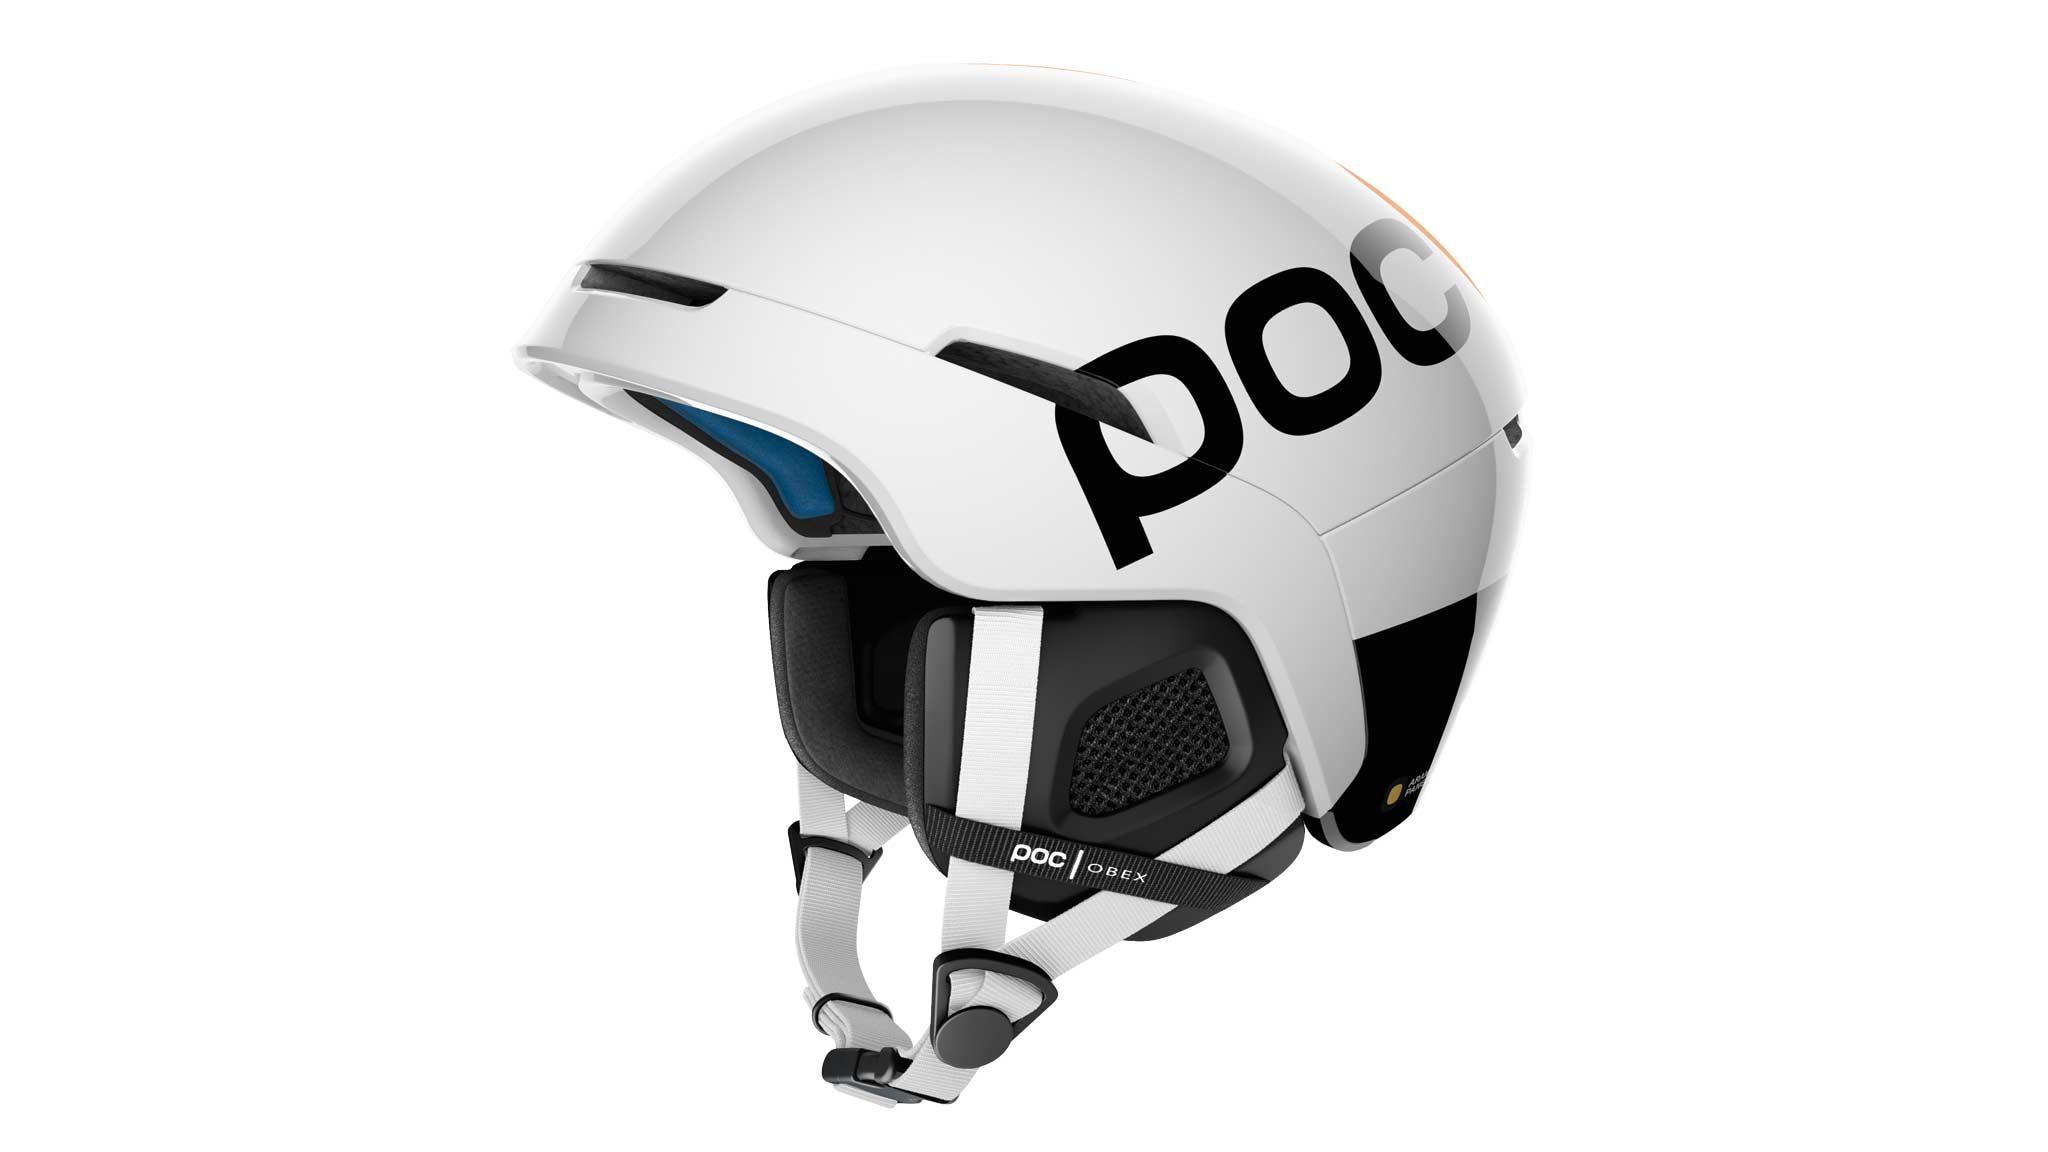 """POC """"Obex Backcountry Spin Avip"""" 2021 Skihelm: Das Ganzkopf-Verstellsystem ermöglicht eine perfekte Passform ohne Polsterwechsel. Zudem sorgen SPIN-Pads für zusätzlichen Komfort und Schutz."""